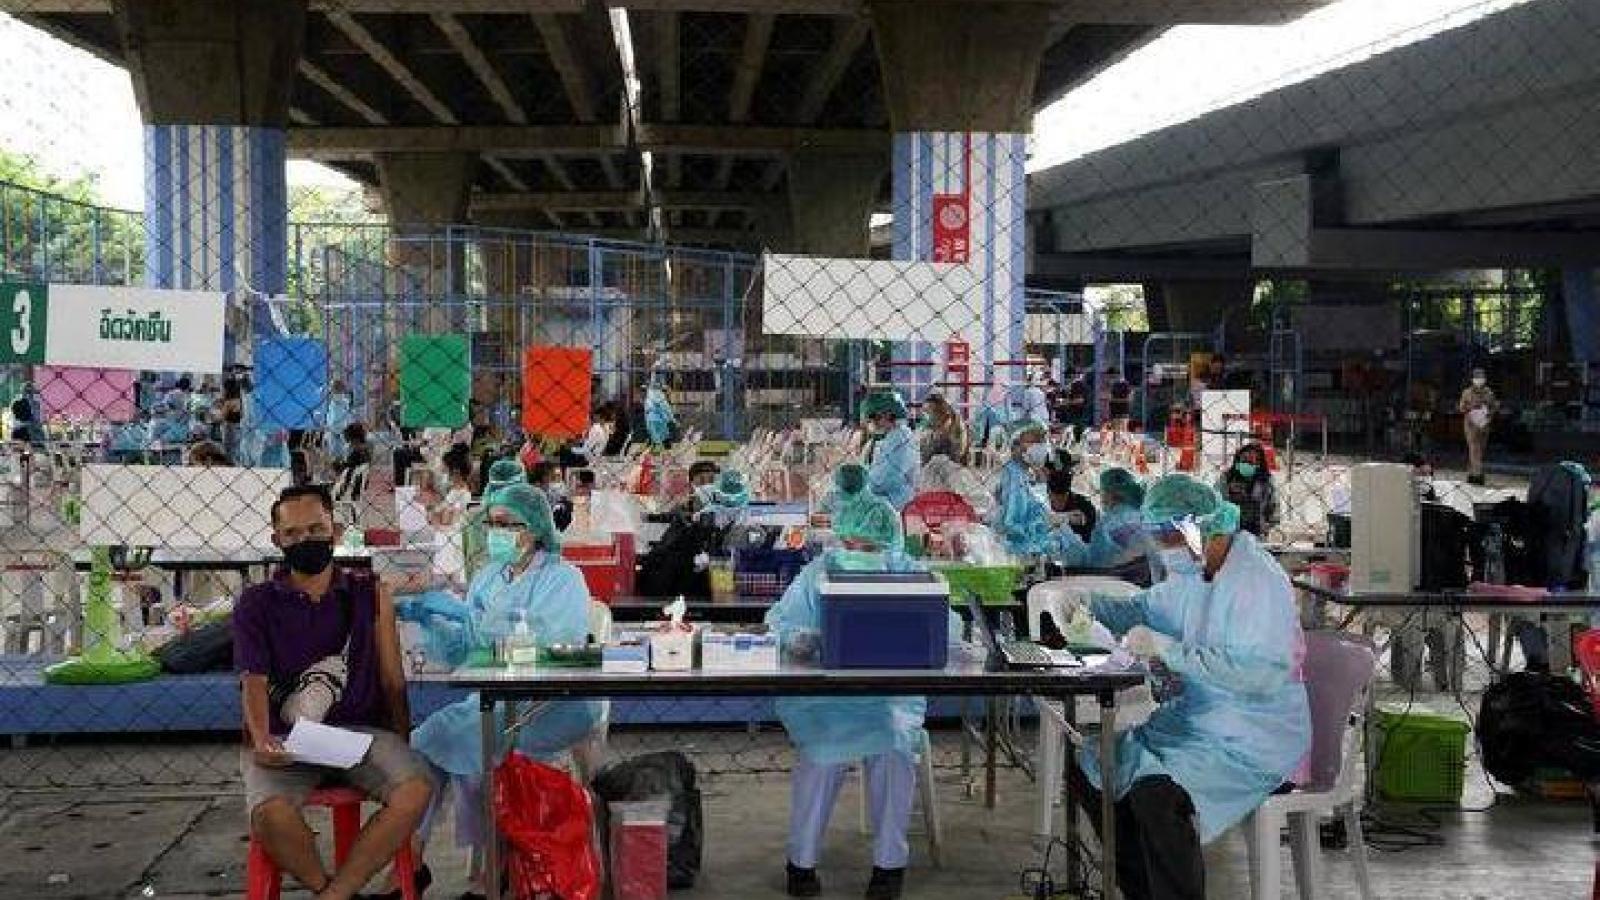 Bệnh viện quá tải nghiêm trọng, Thái Lan tính phong toả thủ đô một tuần